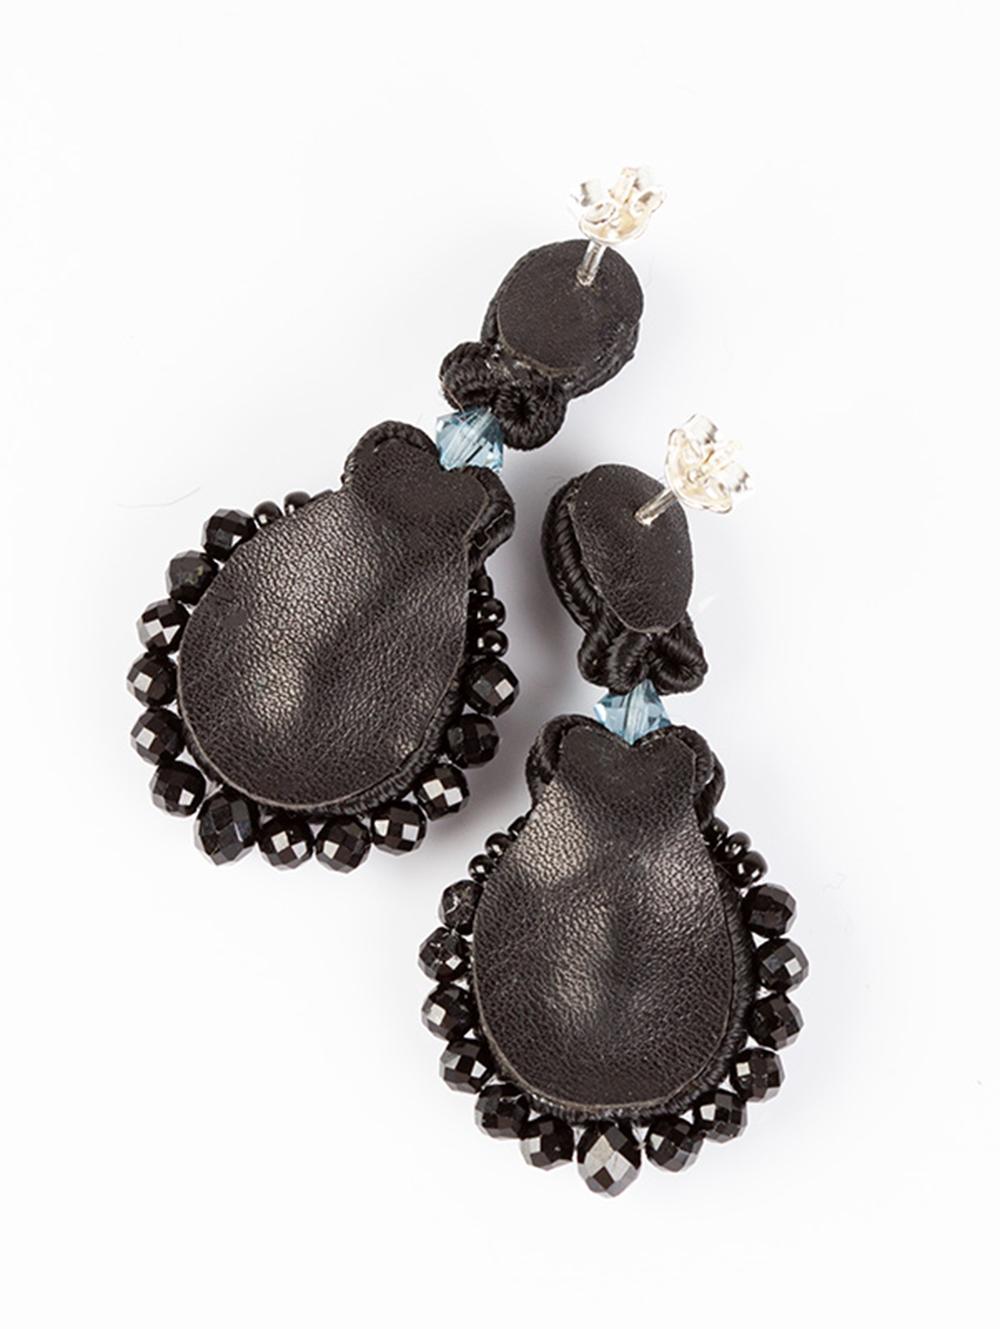 Vintage Rose to eleganckie kolczyki sutasz w stylu Vinatage z - kryształami Swarovskiego w kolorze niebieskim denim- koralikami z ONYKSU - czarną taśmą cyrkoniową - Kompozycja otoczona czarnym sznurkiem sutasz- Do zawieszenia kolczyków wykorzystałam podwieszone sztyfty na kulce ze srebra pr. 925 - Kolczyki od spodu wykończone są naturalną czarną skórką. ………………………………… Długość: 3 cm W najszerszym miejscu: 1,5 cm Waga: 4 g (znacznie lżejsze niż się spodziewasz :), biżuteria sutasz jest bardzo lekka )